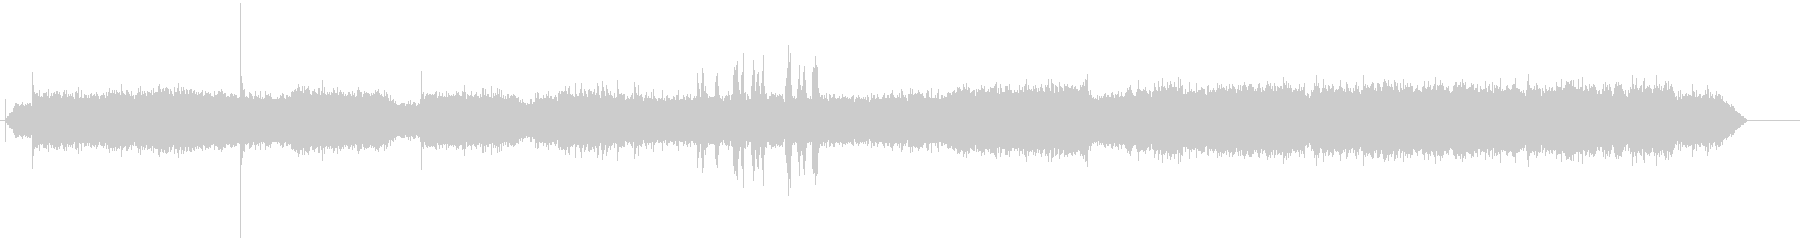 リノタイプワークショップの未再生の波形